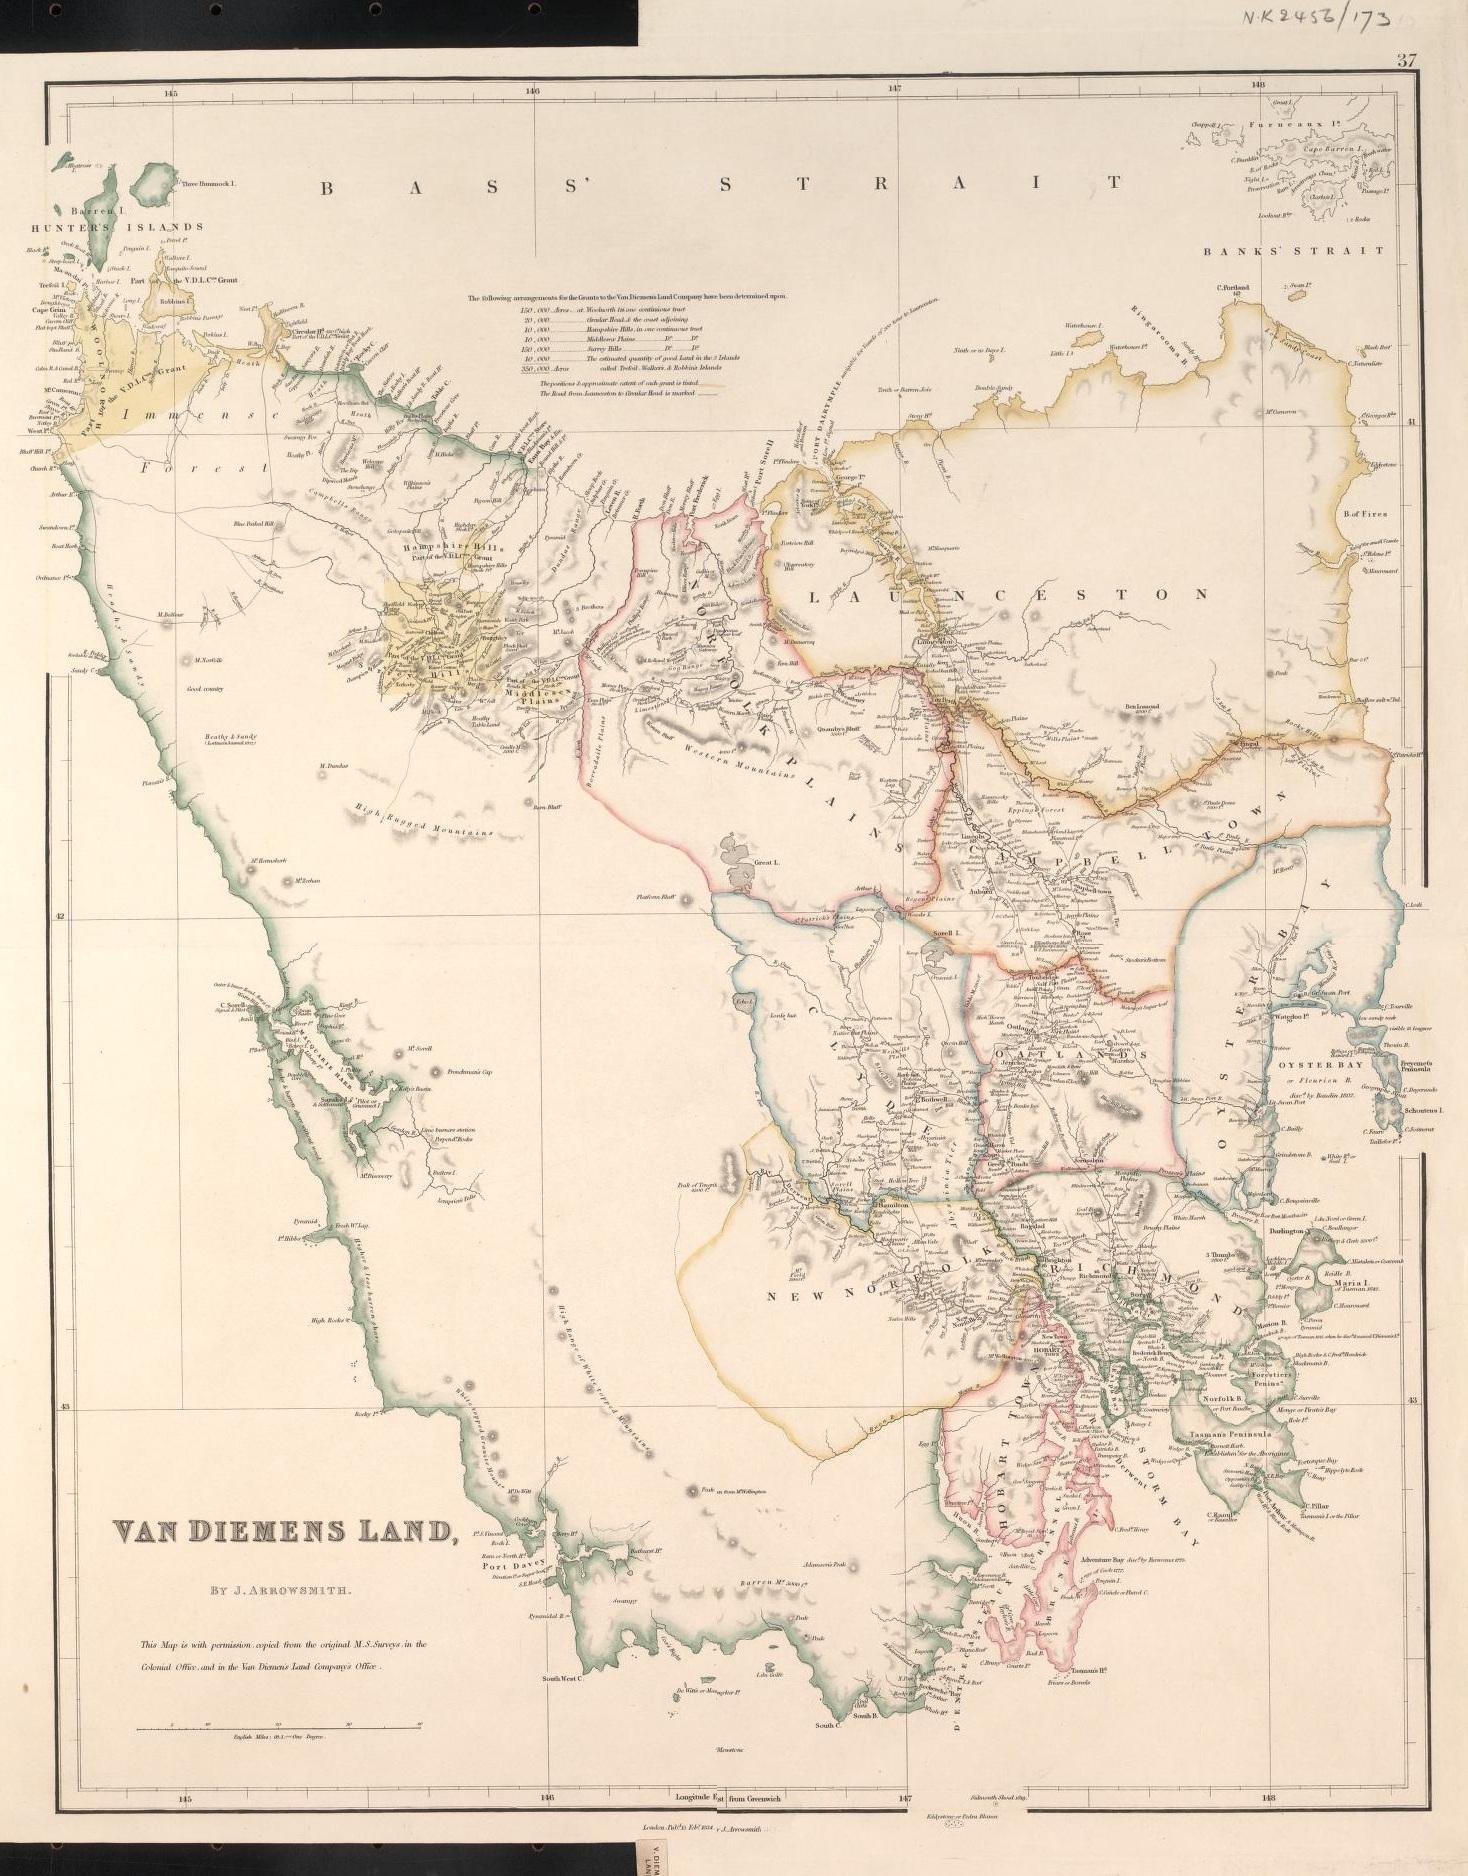 Sketch of the History of Van Diemens Land